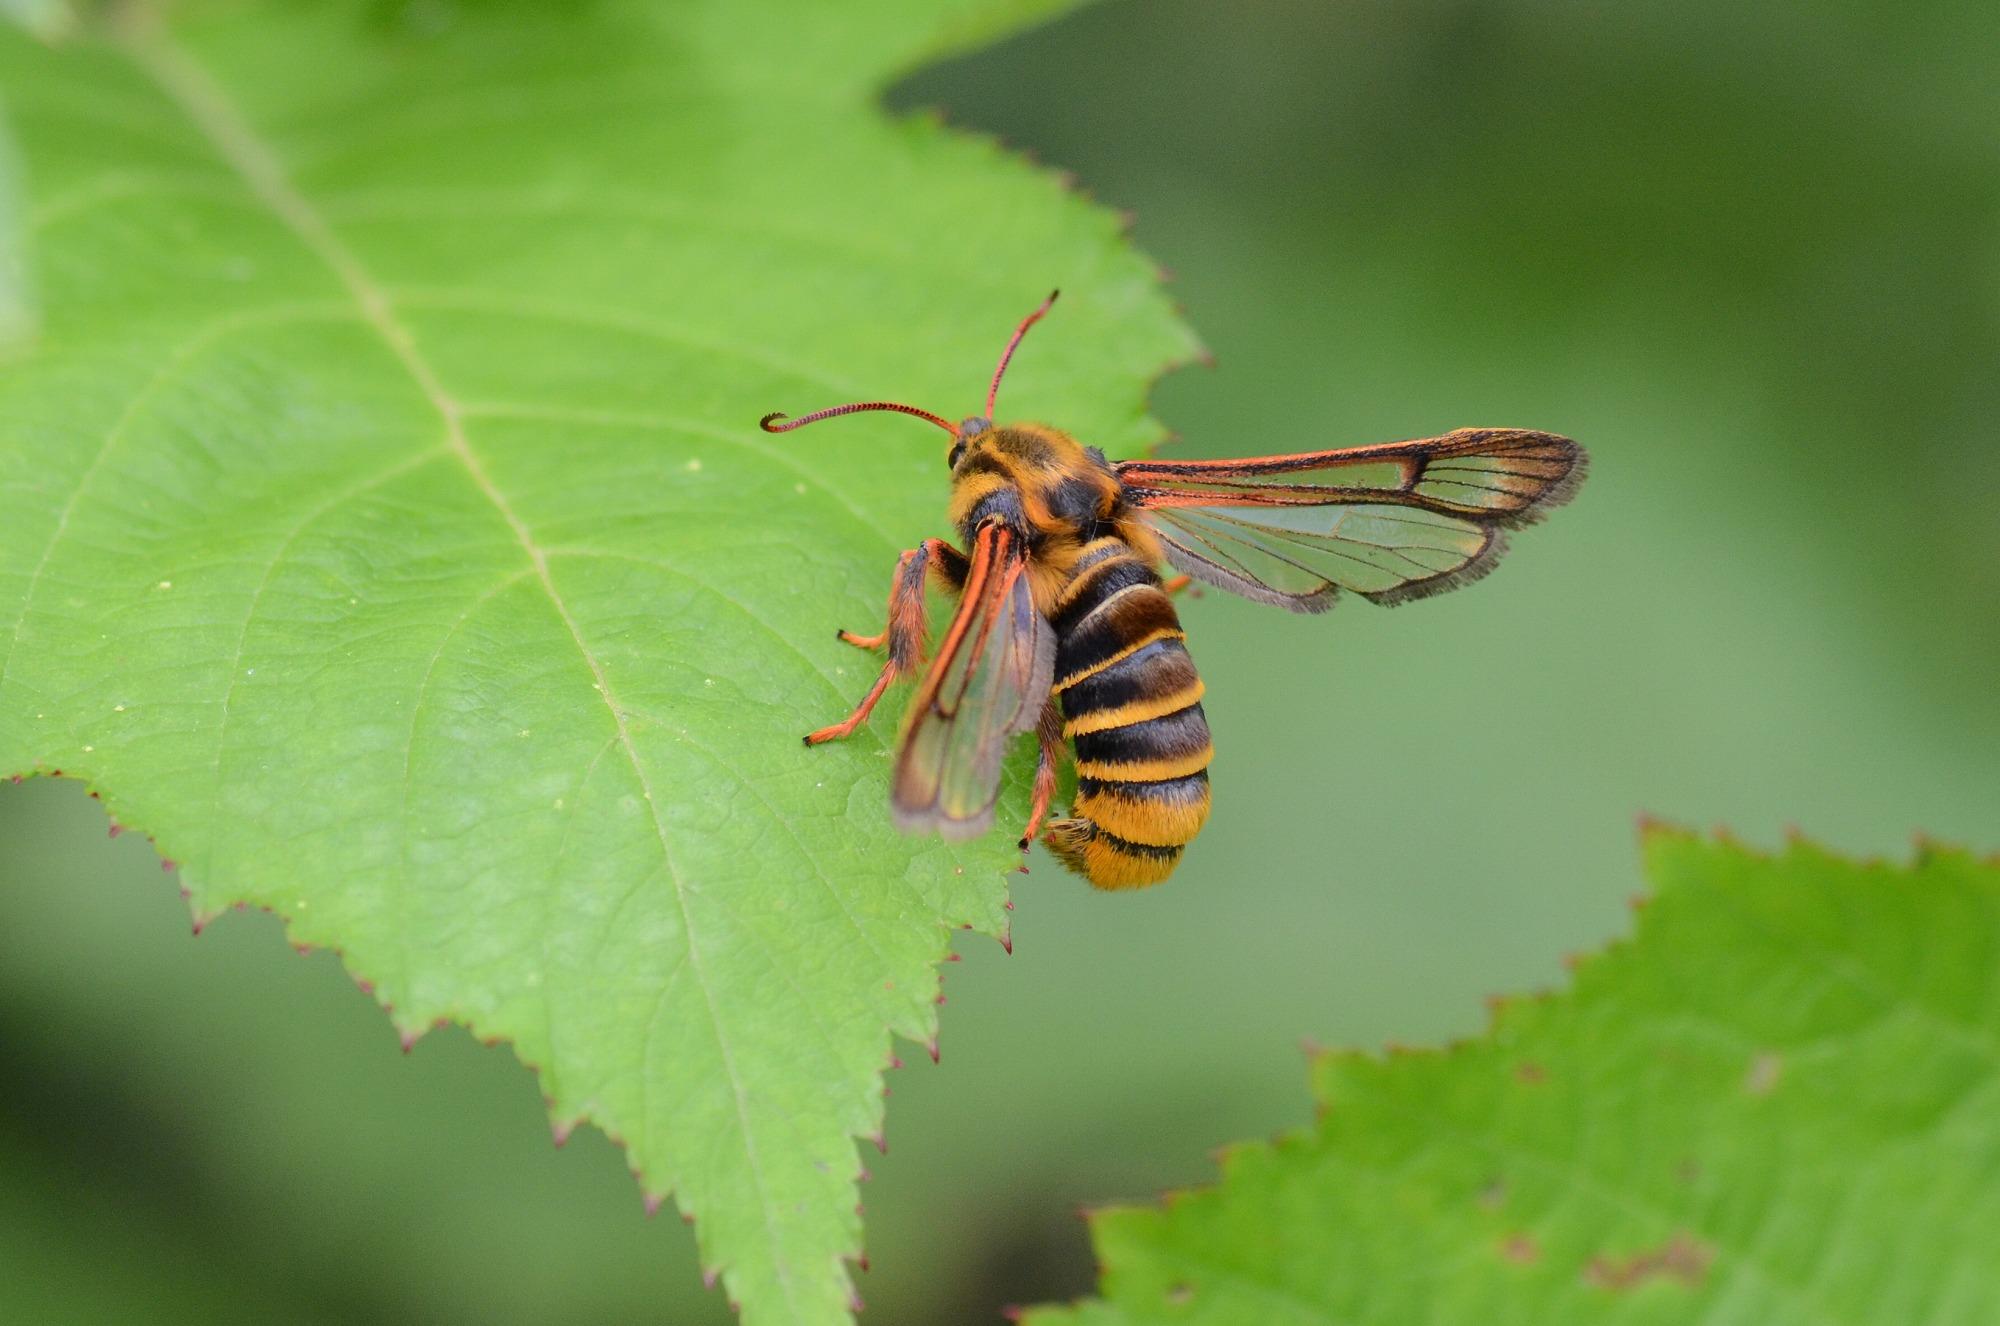 スズメバチに擬態するセスジスカシバ